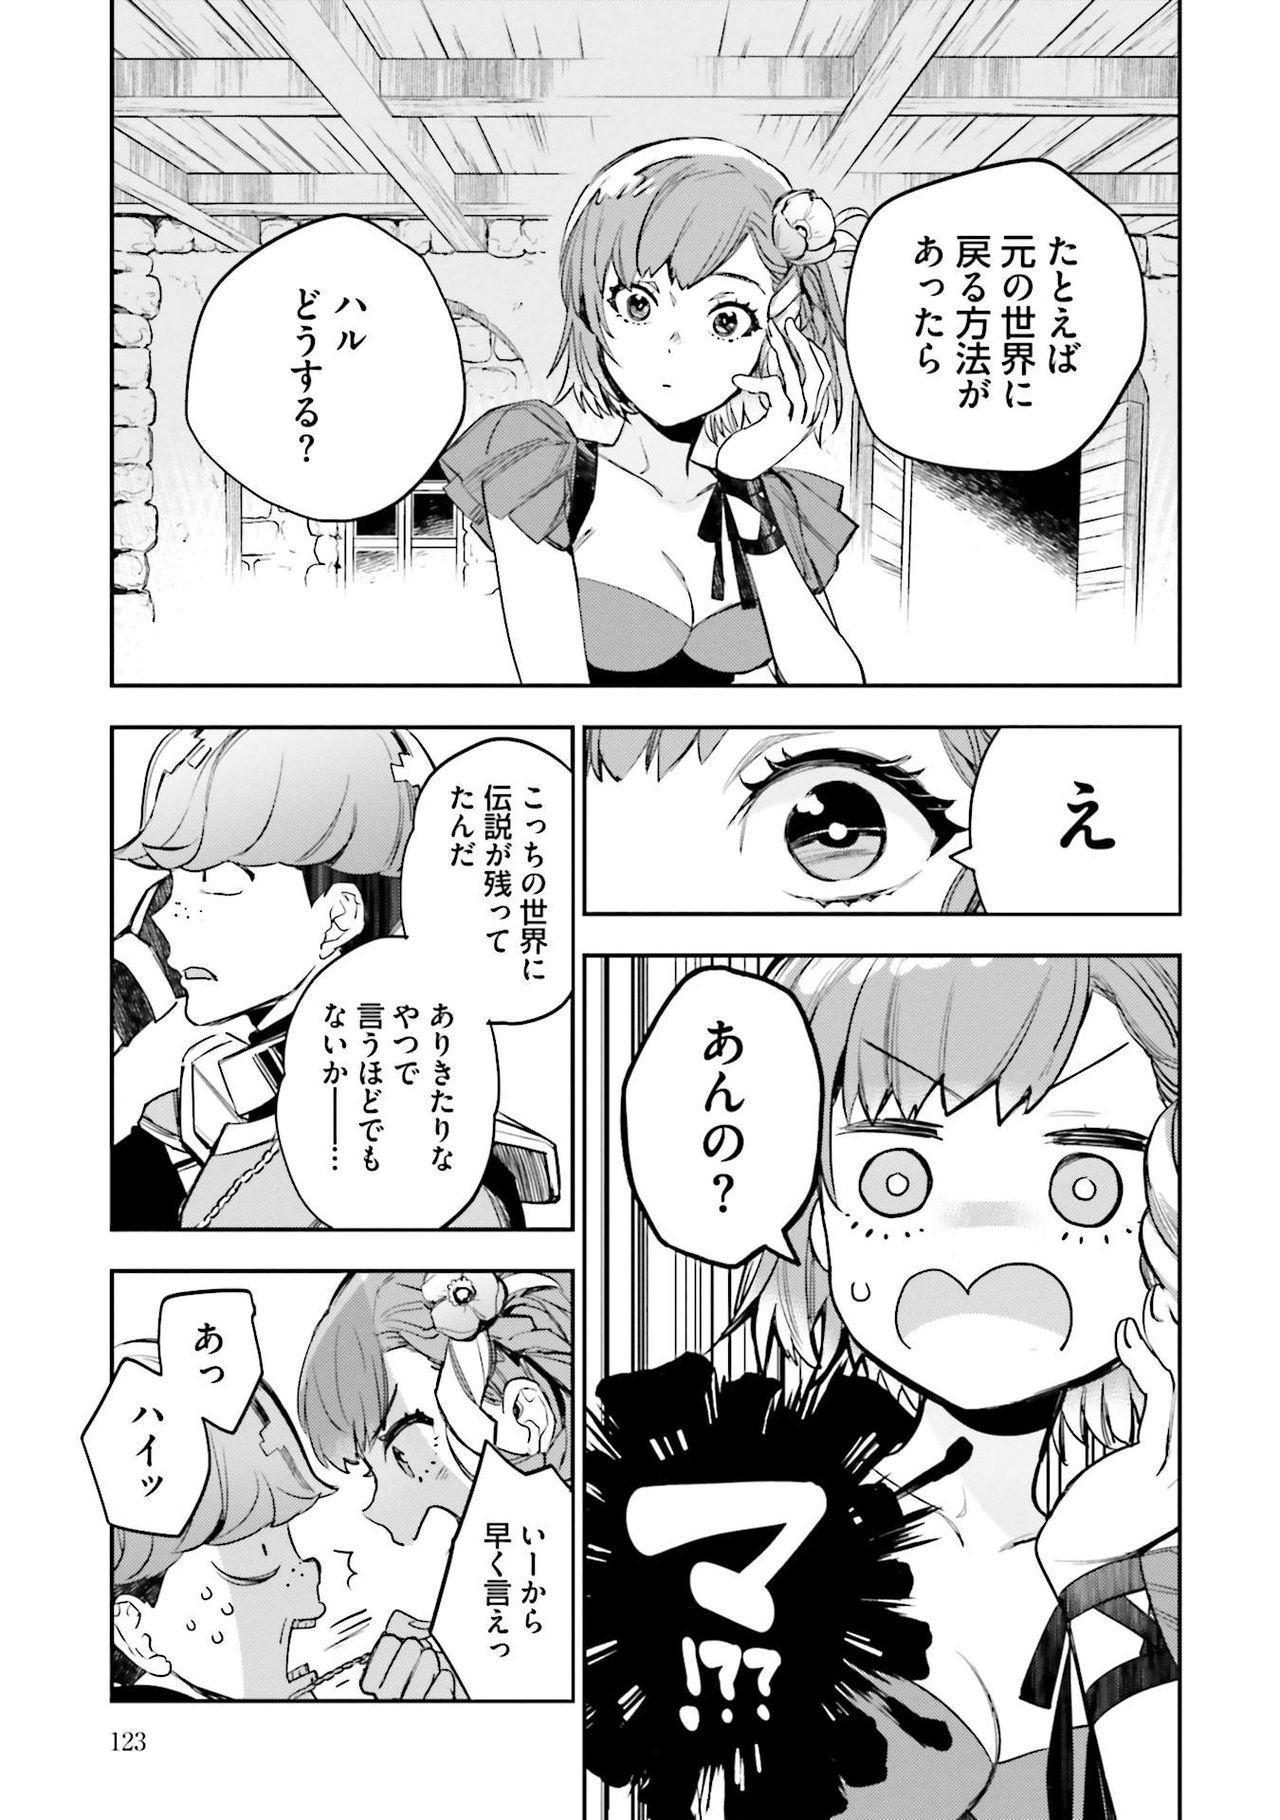 JK Haru wa Isekai de Shoufu ni Natta 1-14 311